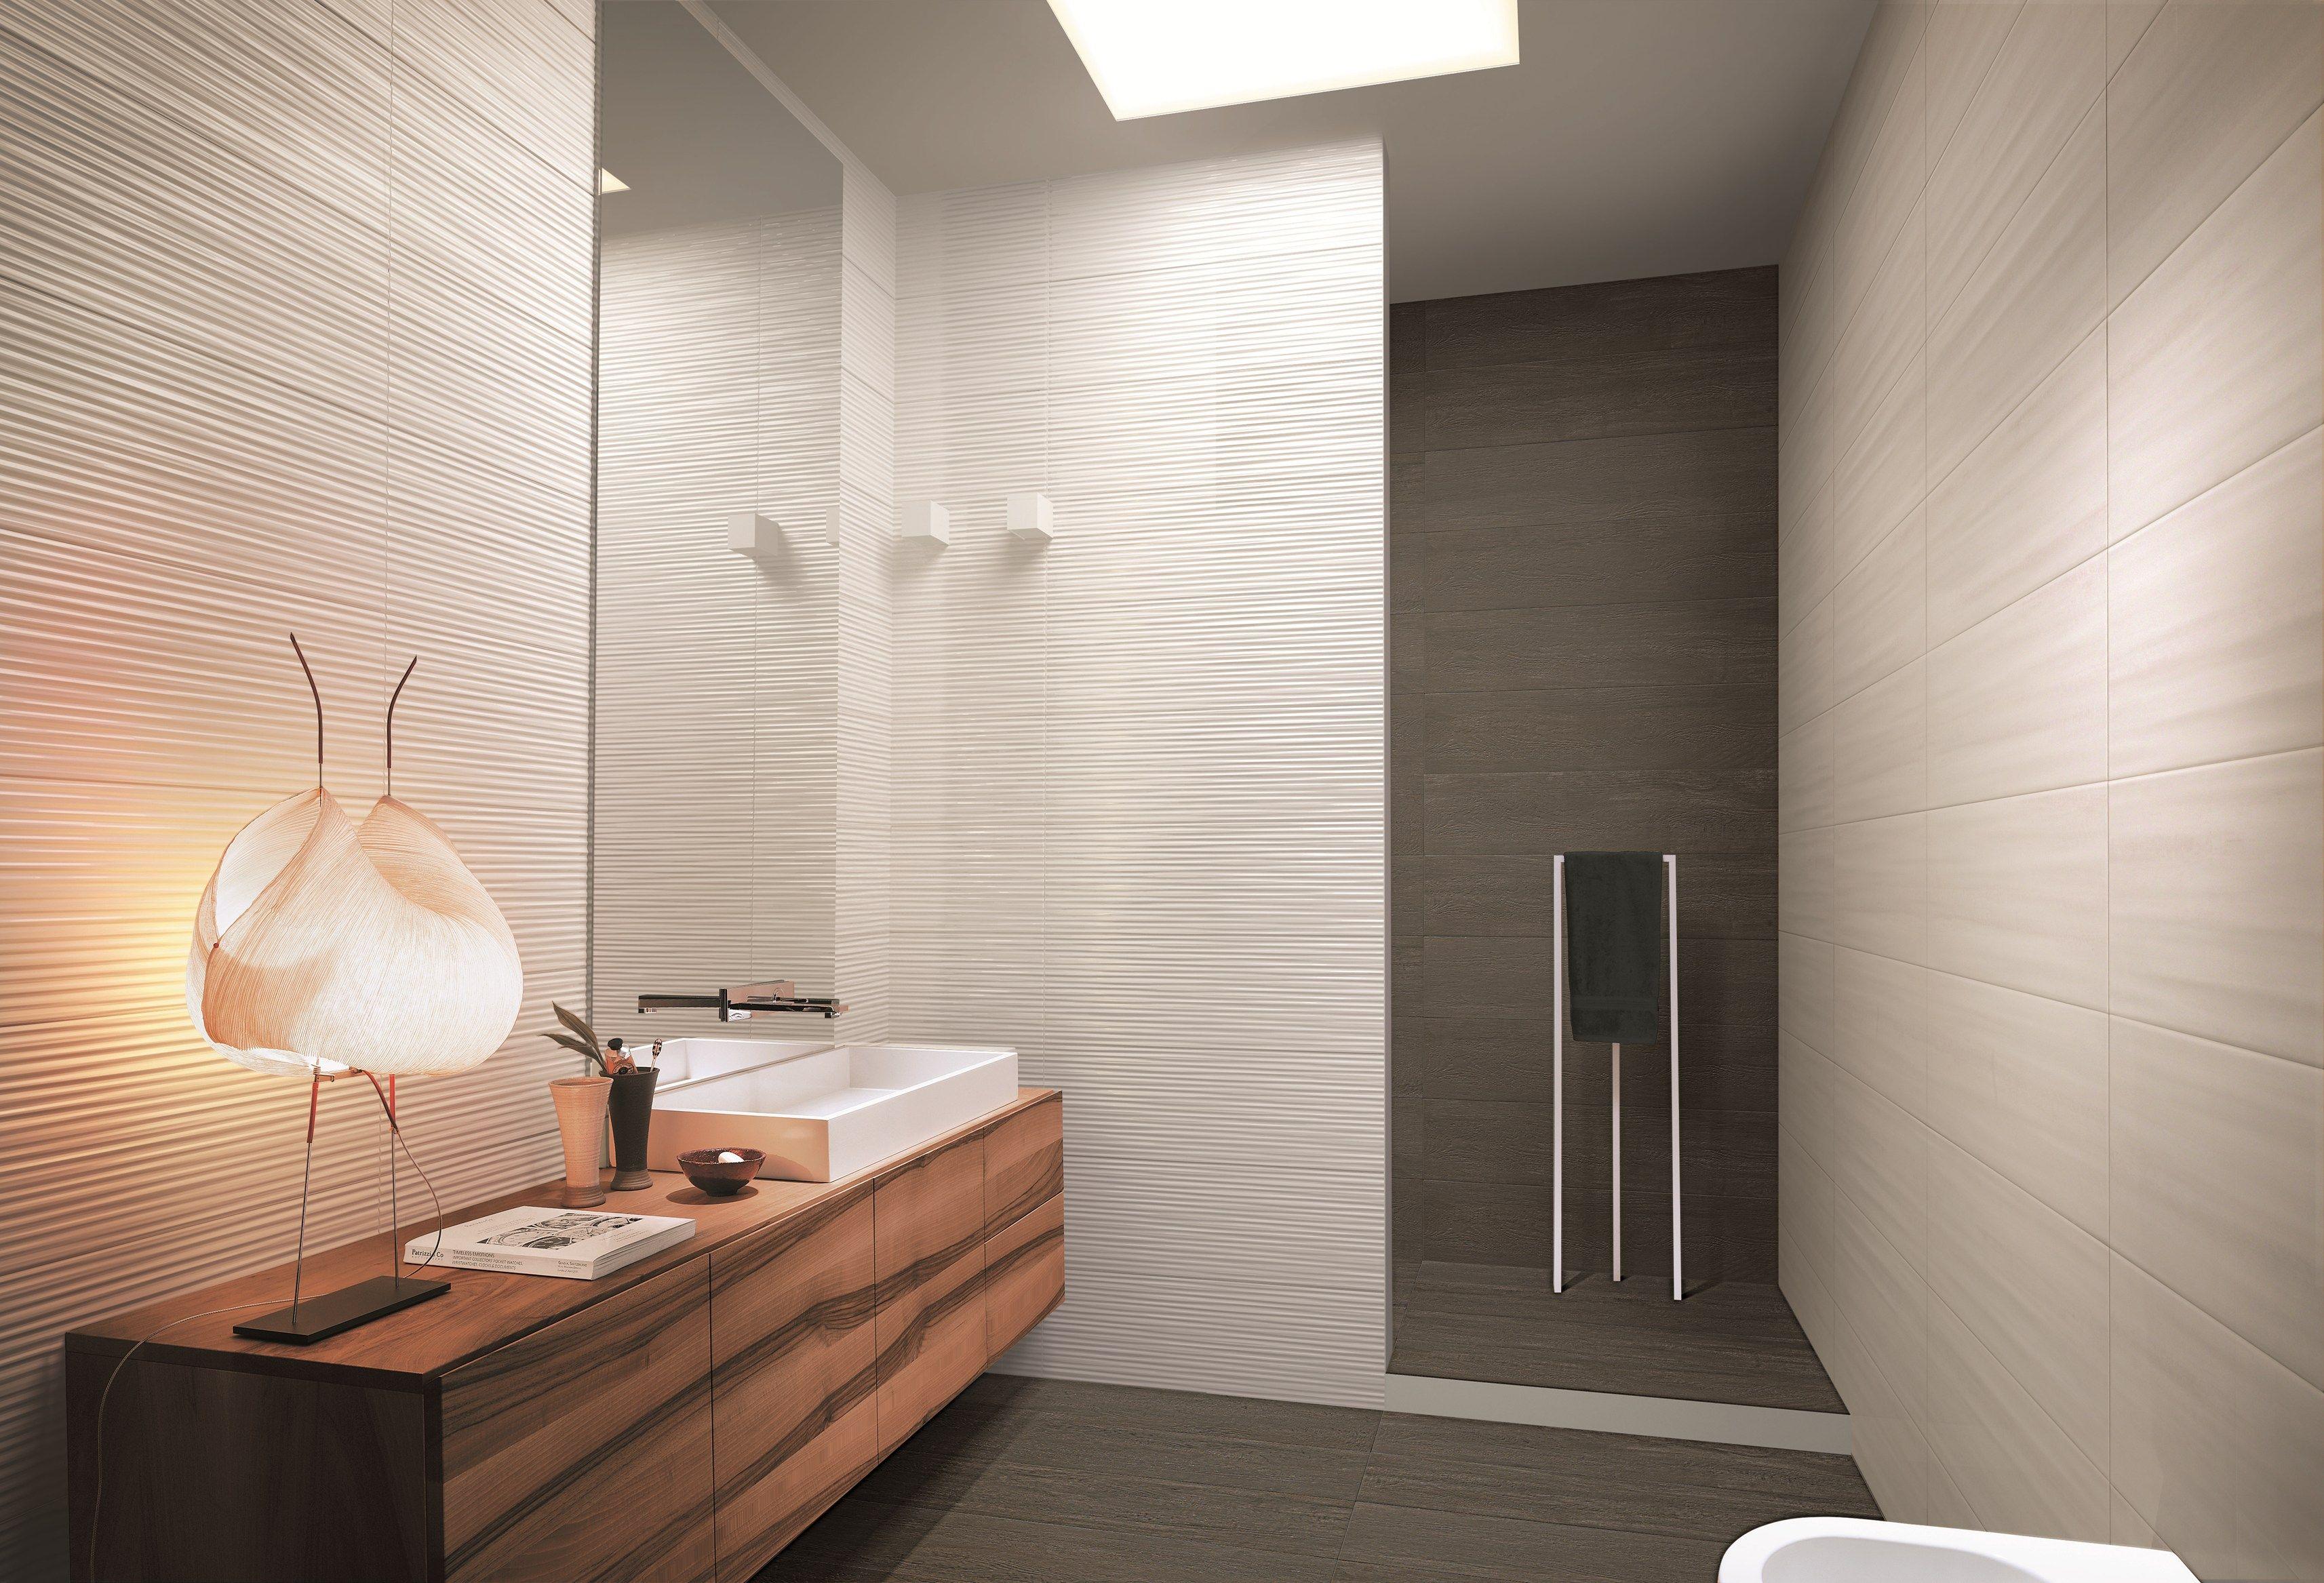 Revestimiento de pared 3D en pasta blanca para interiores FLOWS Colecci³n Revestimientos en pasta blanca by Atlas Concorde HOME Paredes